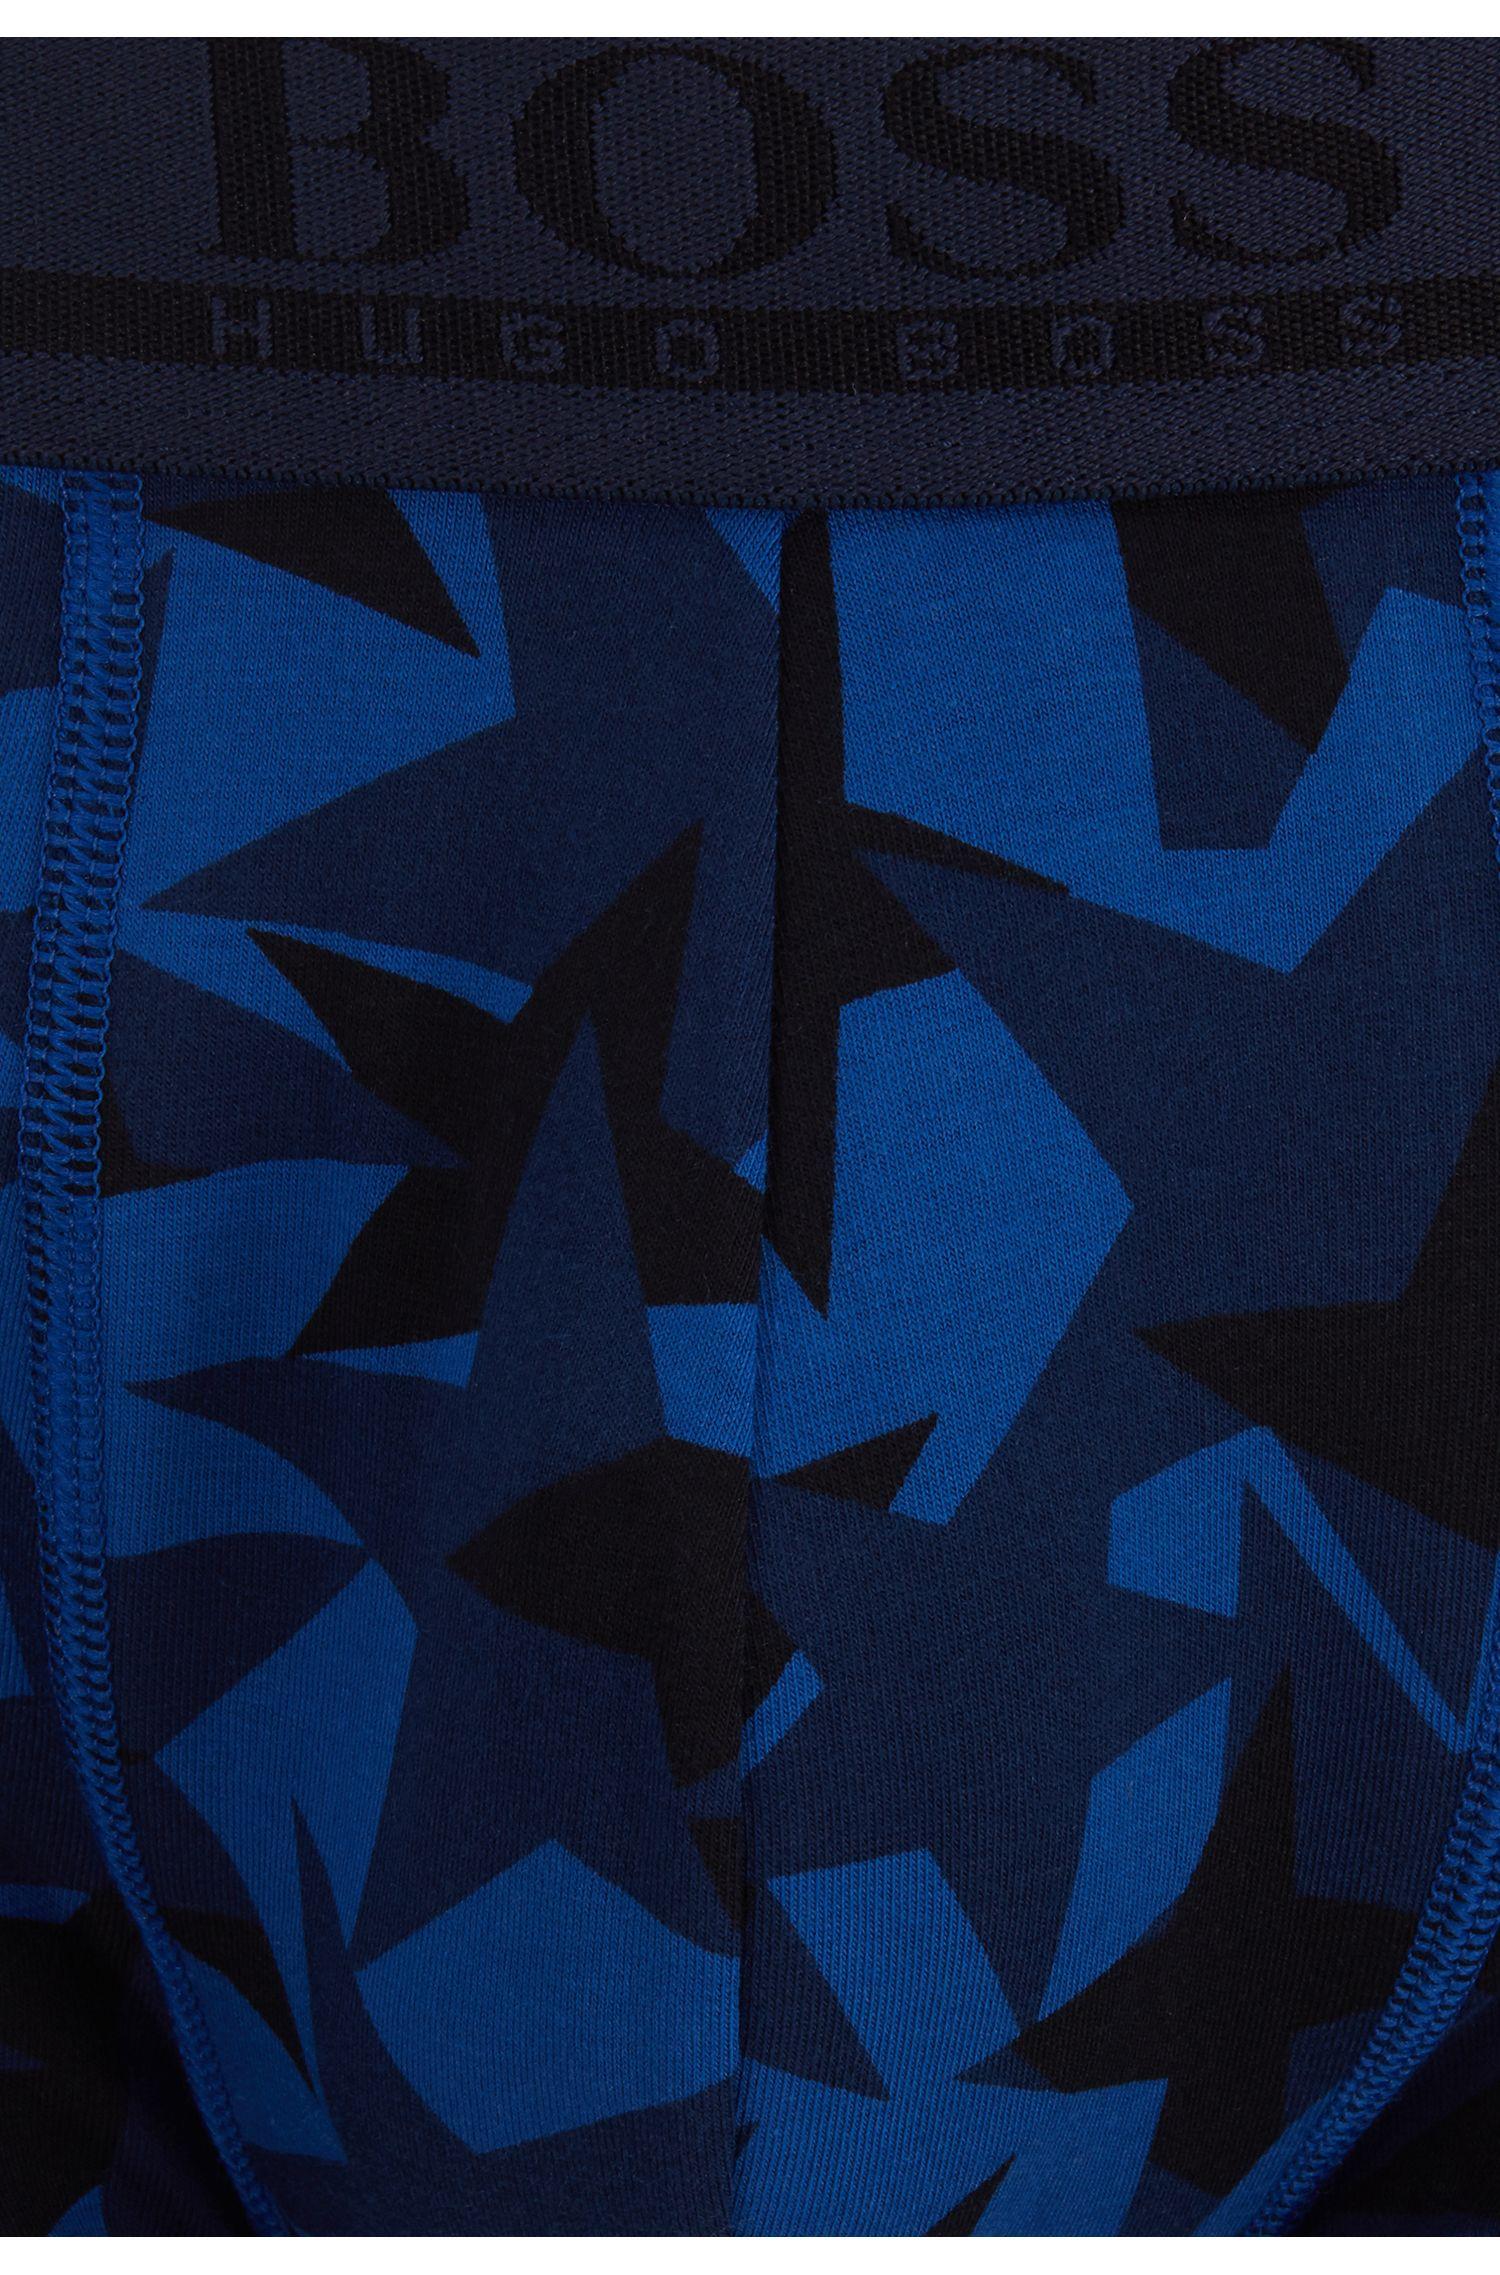 Calzoncillos en punto de algodón elástico con estampado de estrellas, Azul oscuro